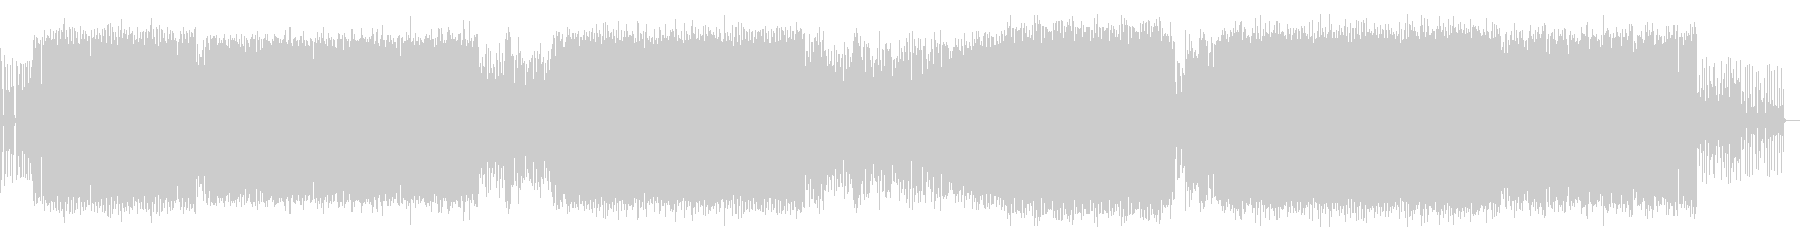 神秘的な旋律を織り交ぜたEDMの未再生の波形